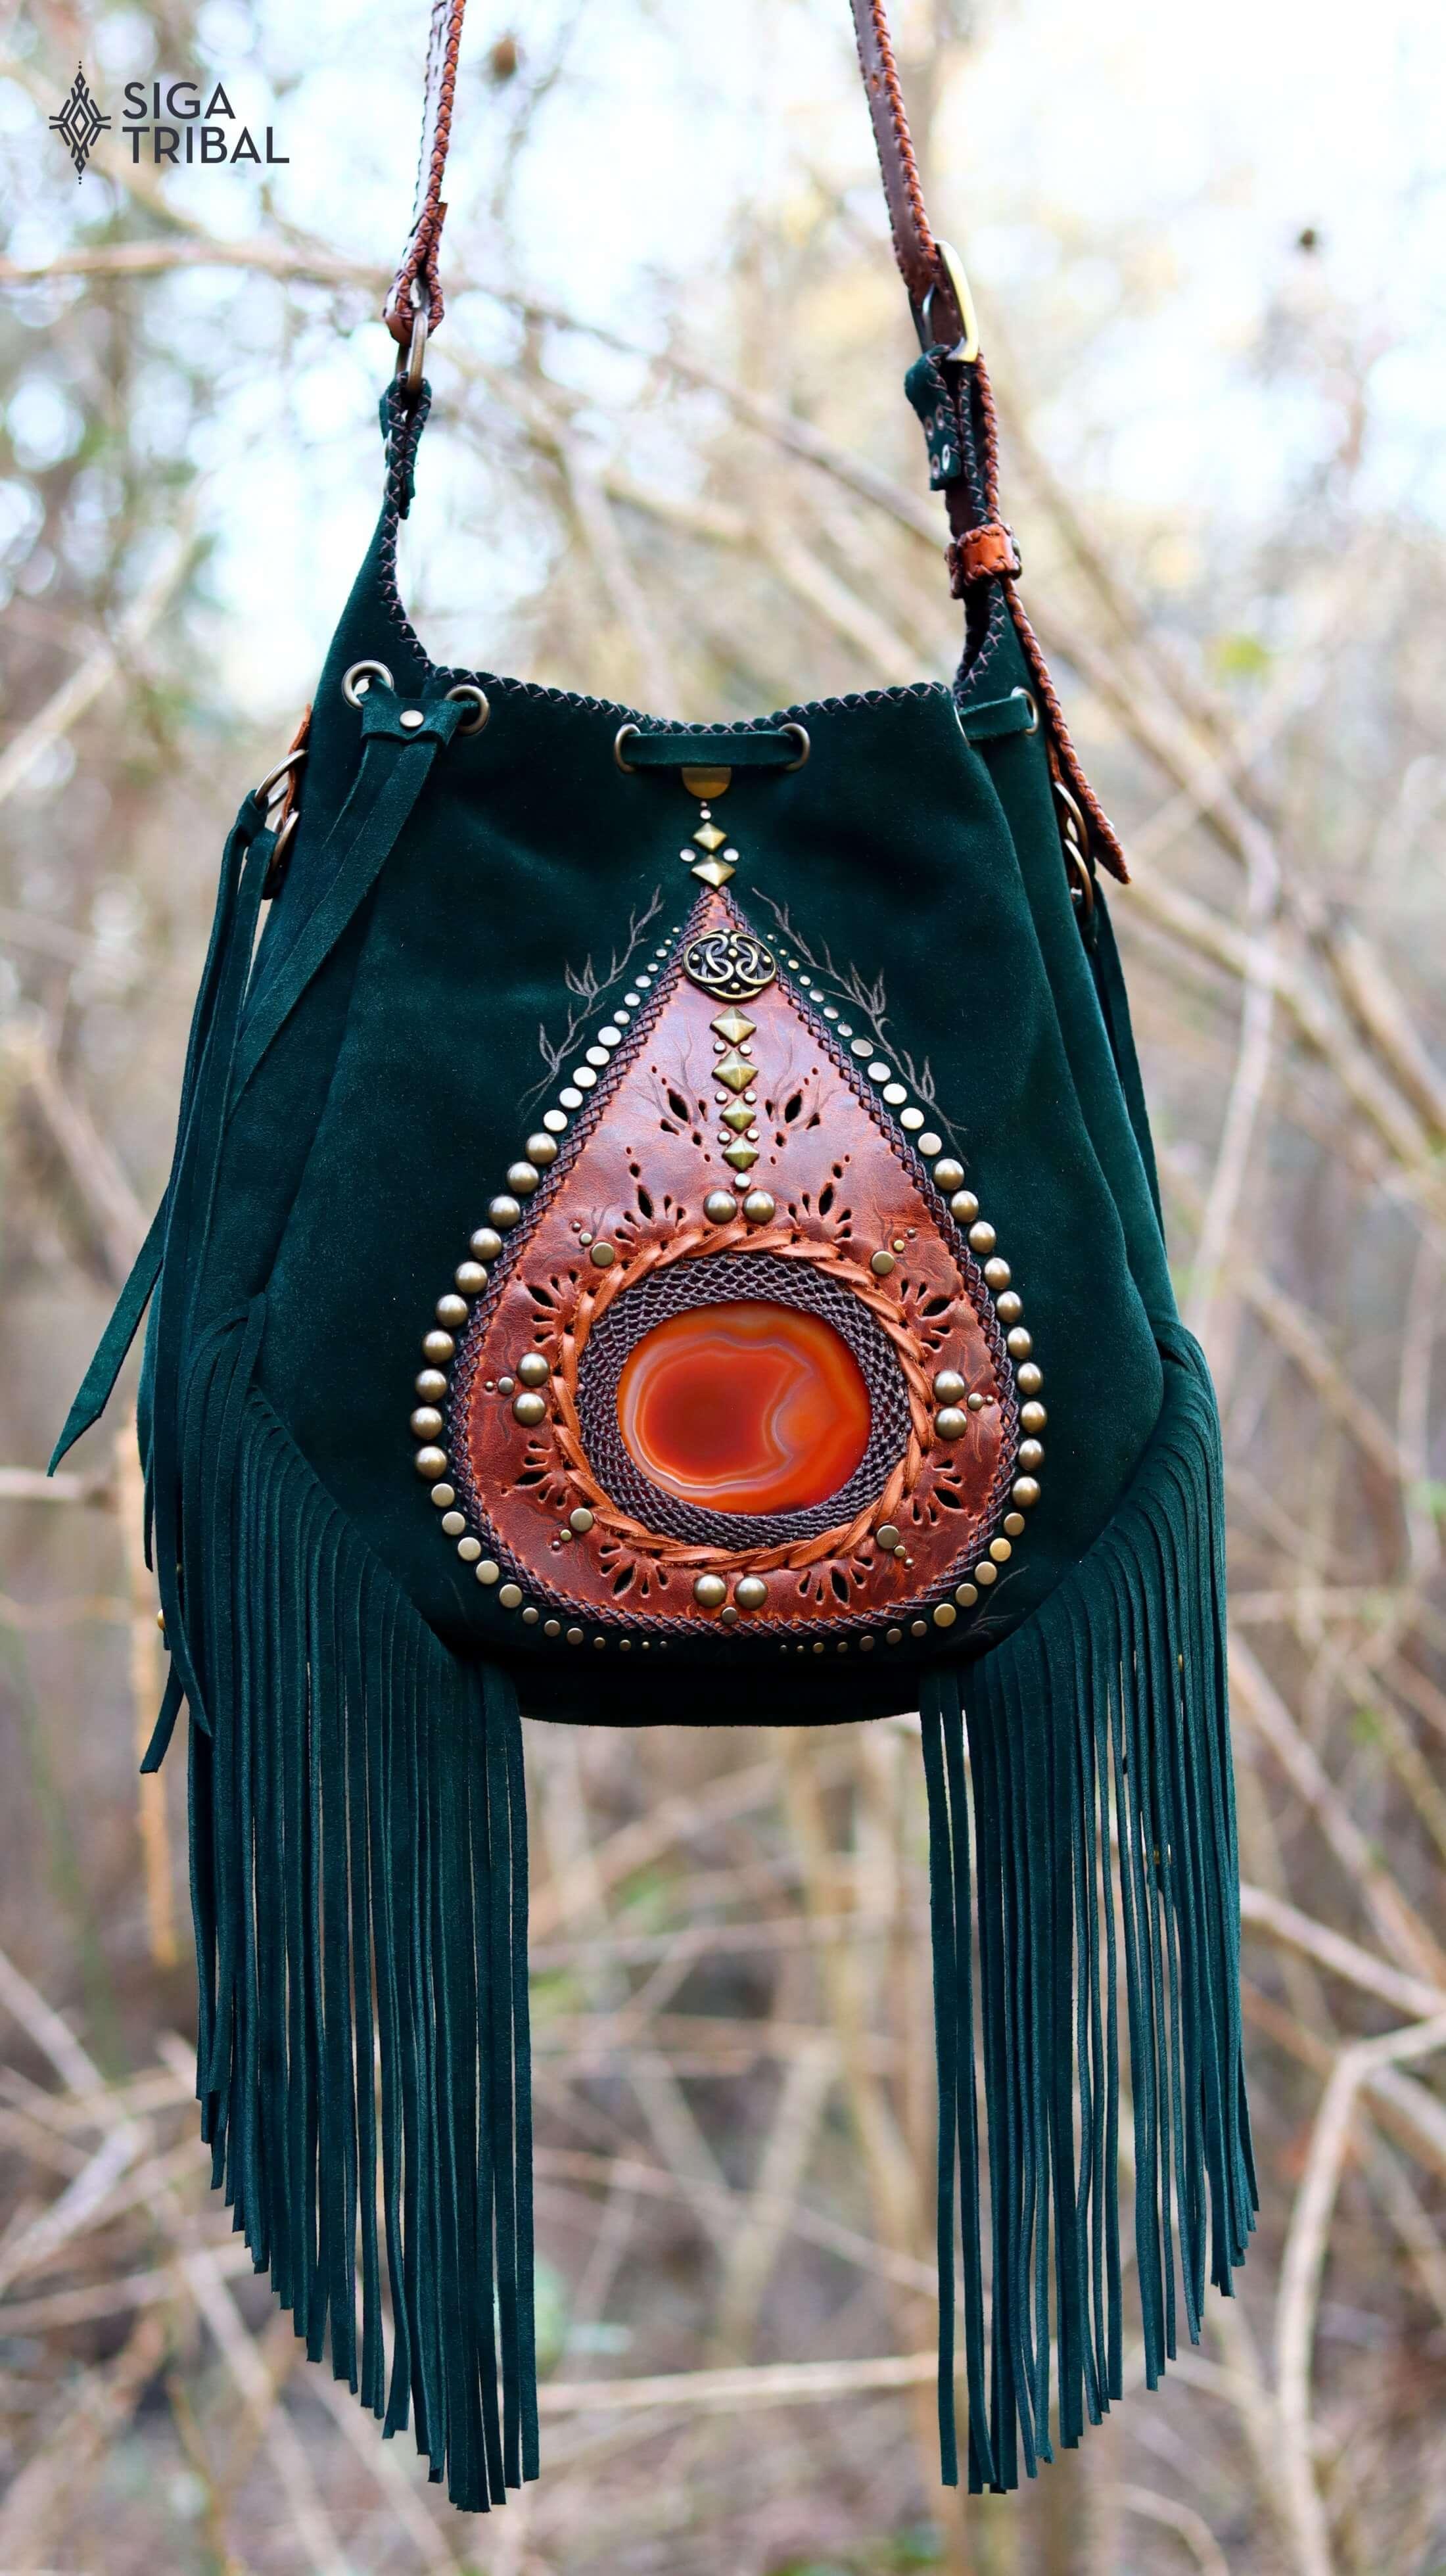 Chimaera Bag by Siga Tribal